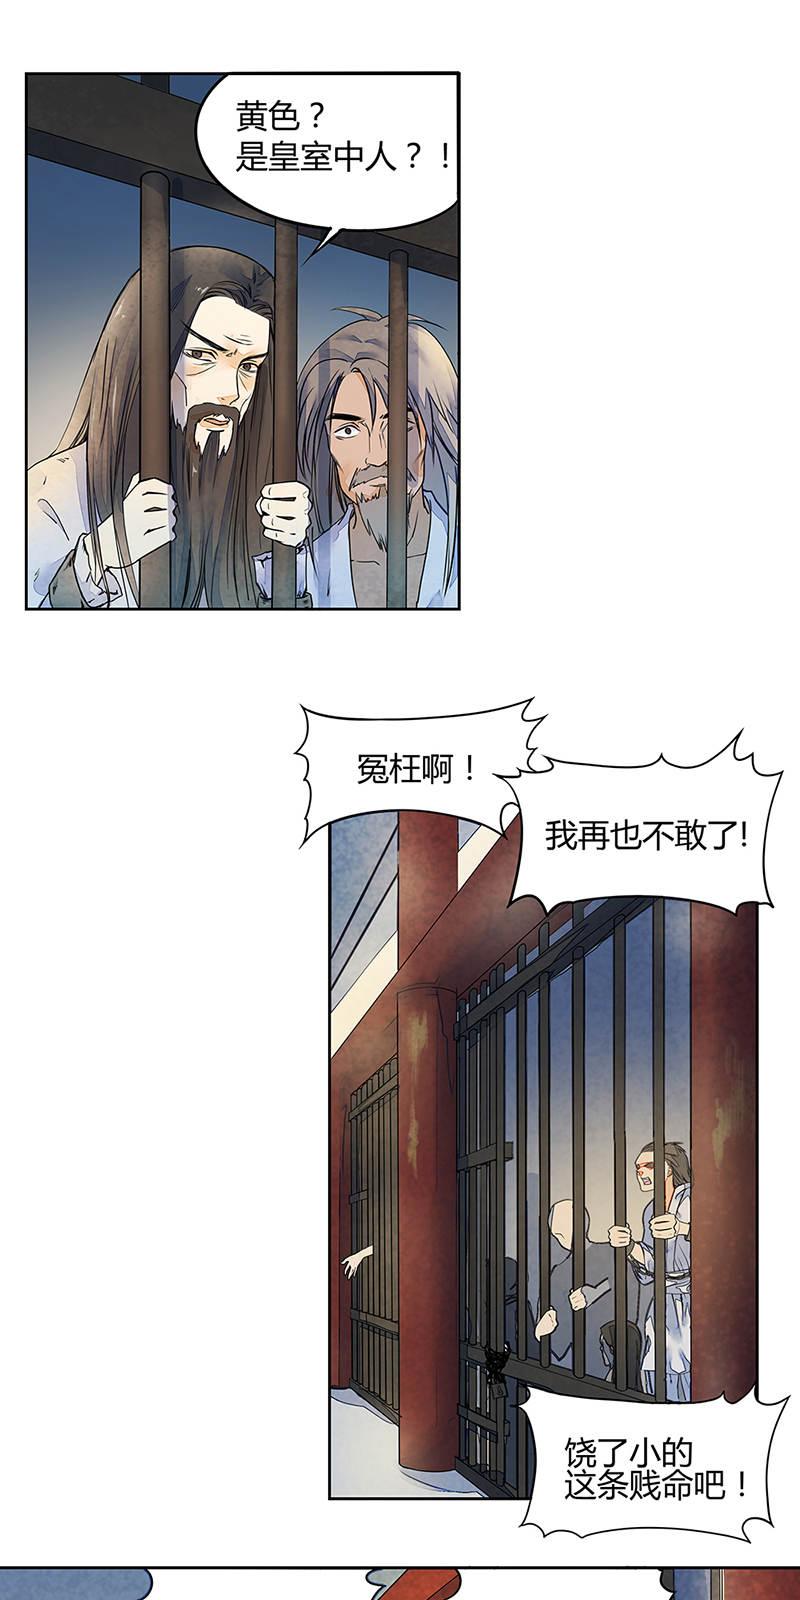 逍遥游第2话  引子 天子仁心亲行狱 第 19